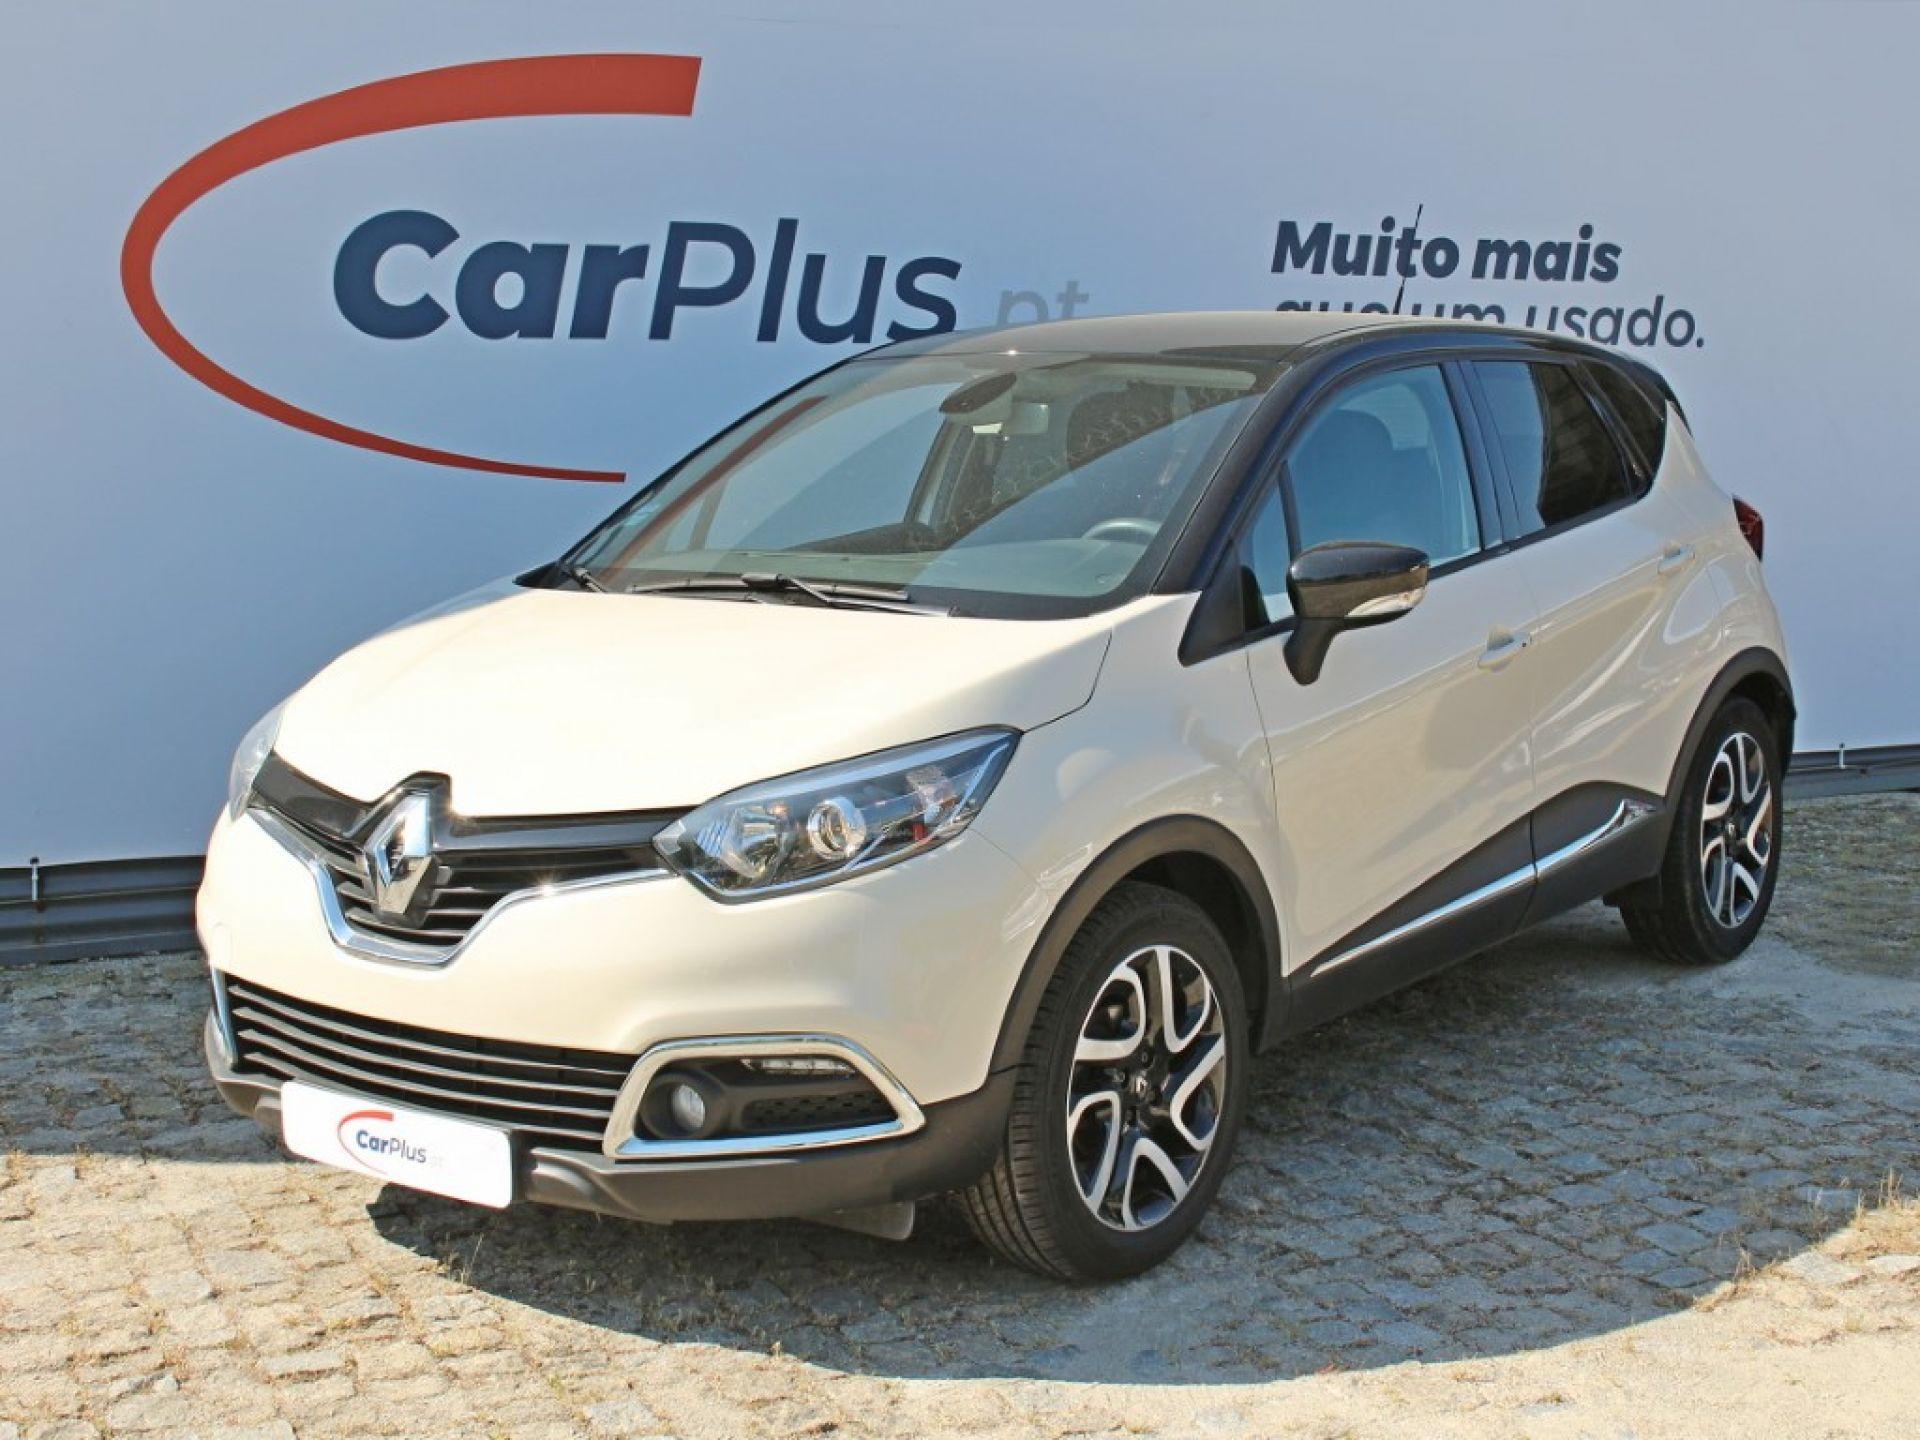 Renault Captur 1.5 dCi 90cv S&S Energy ECO2 Exclusive segunda mão Porto